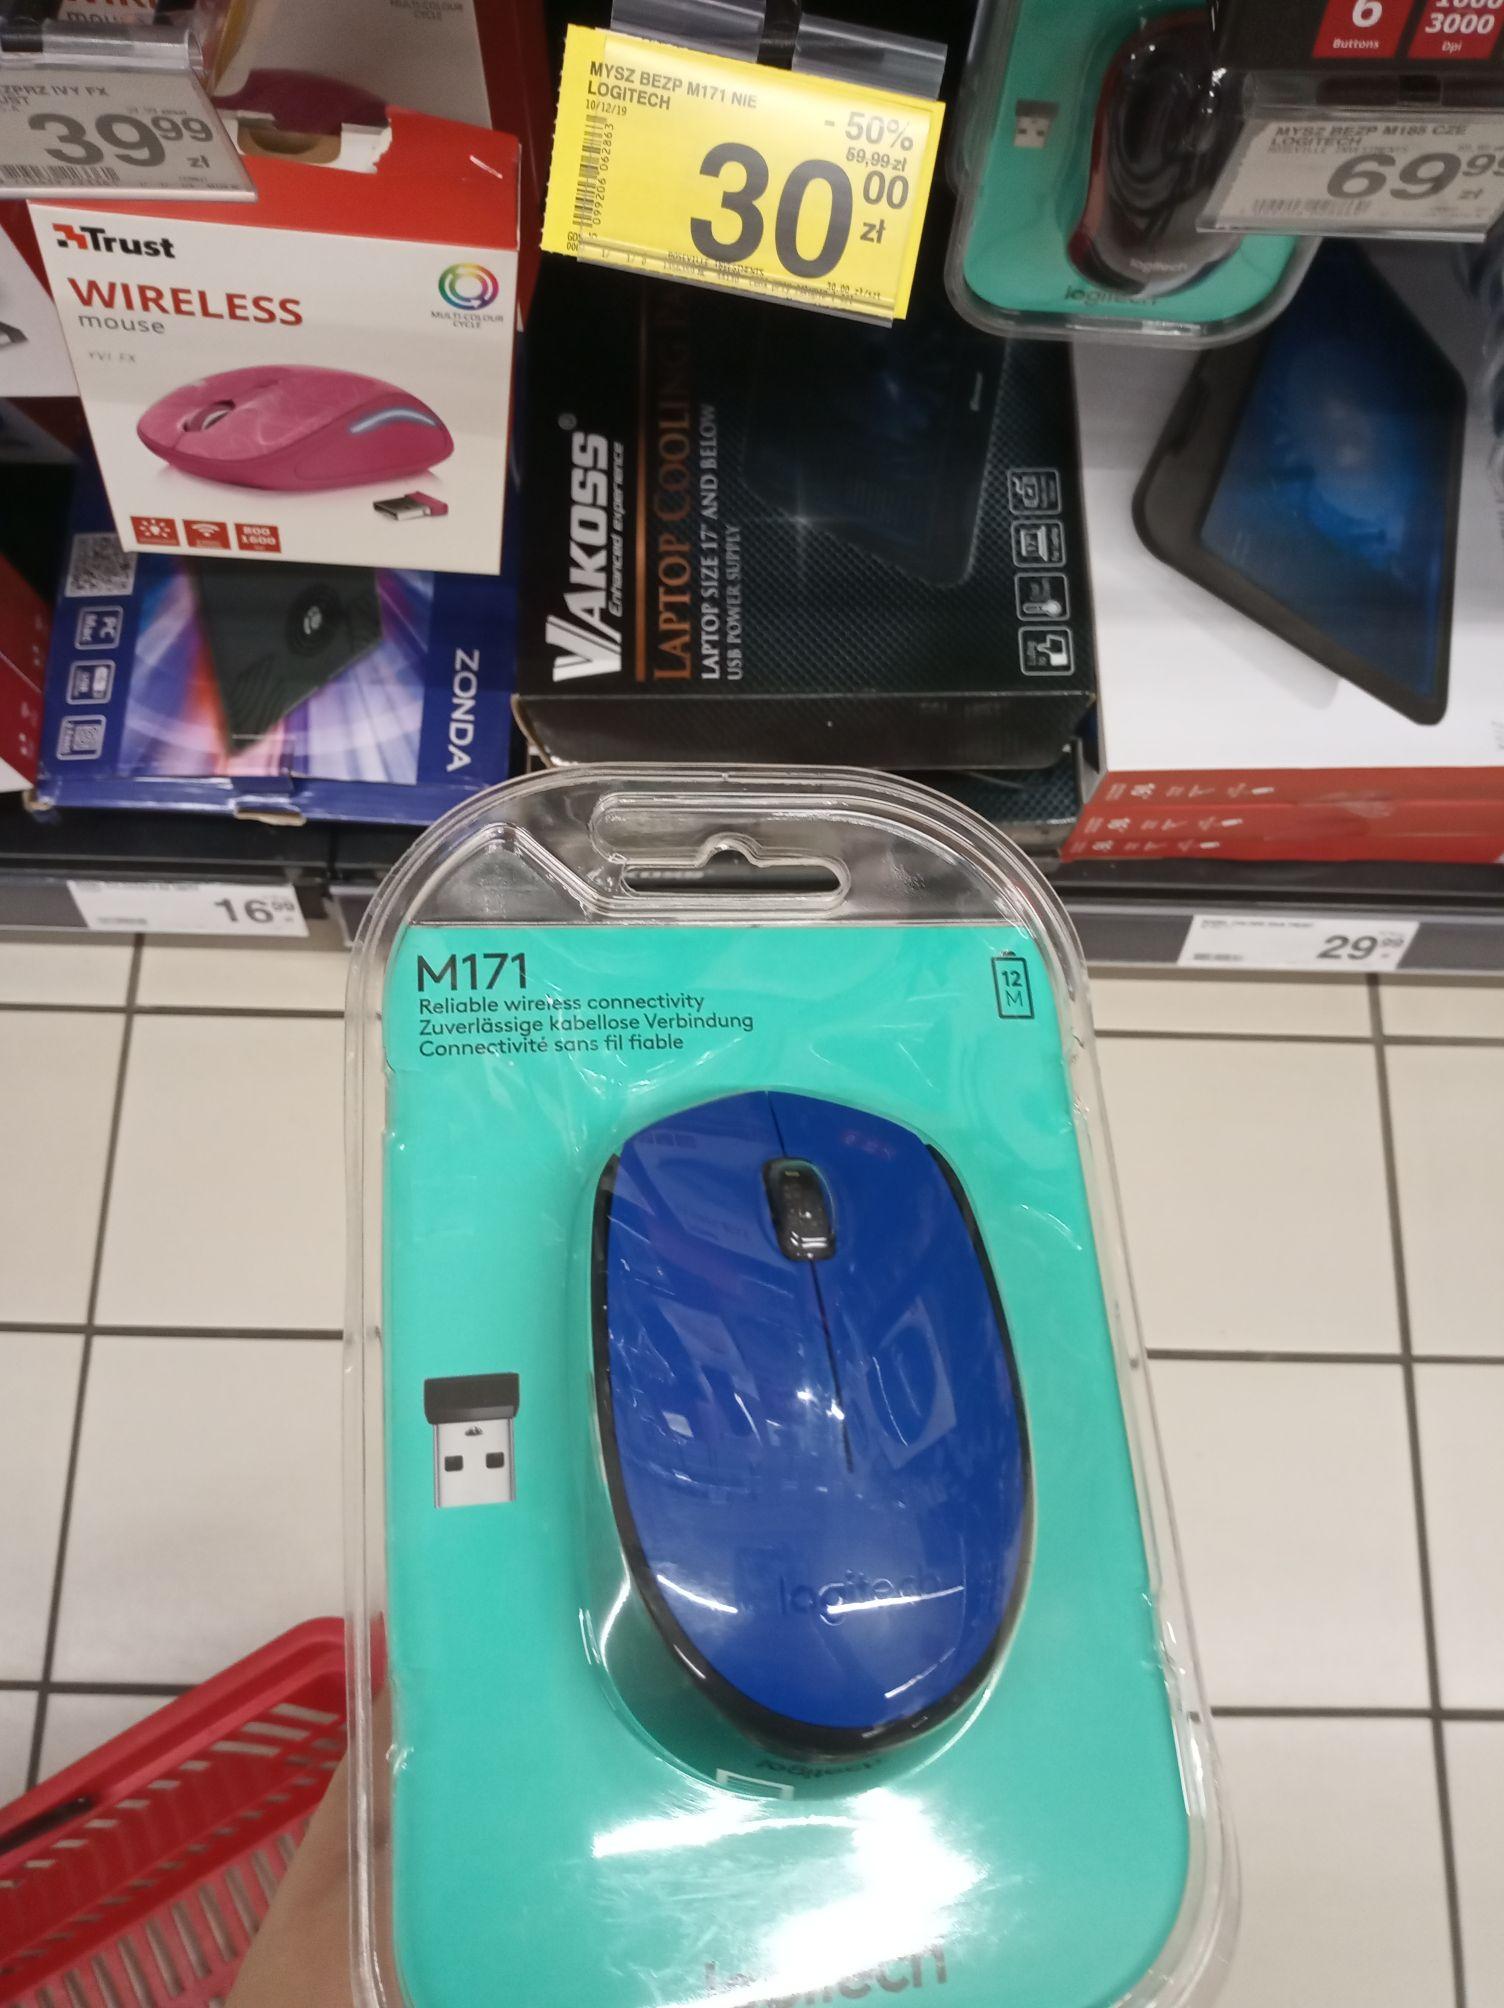 Mysz bezprzewodowa M171 Logitech znowu dostępna w Carrefour